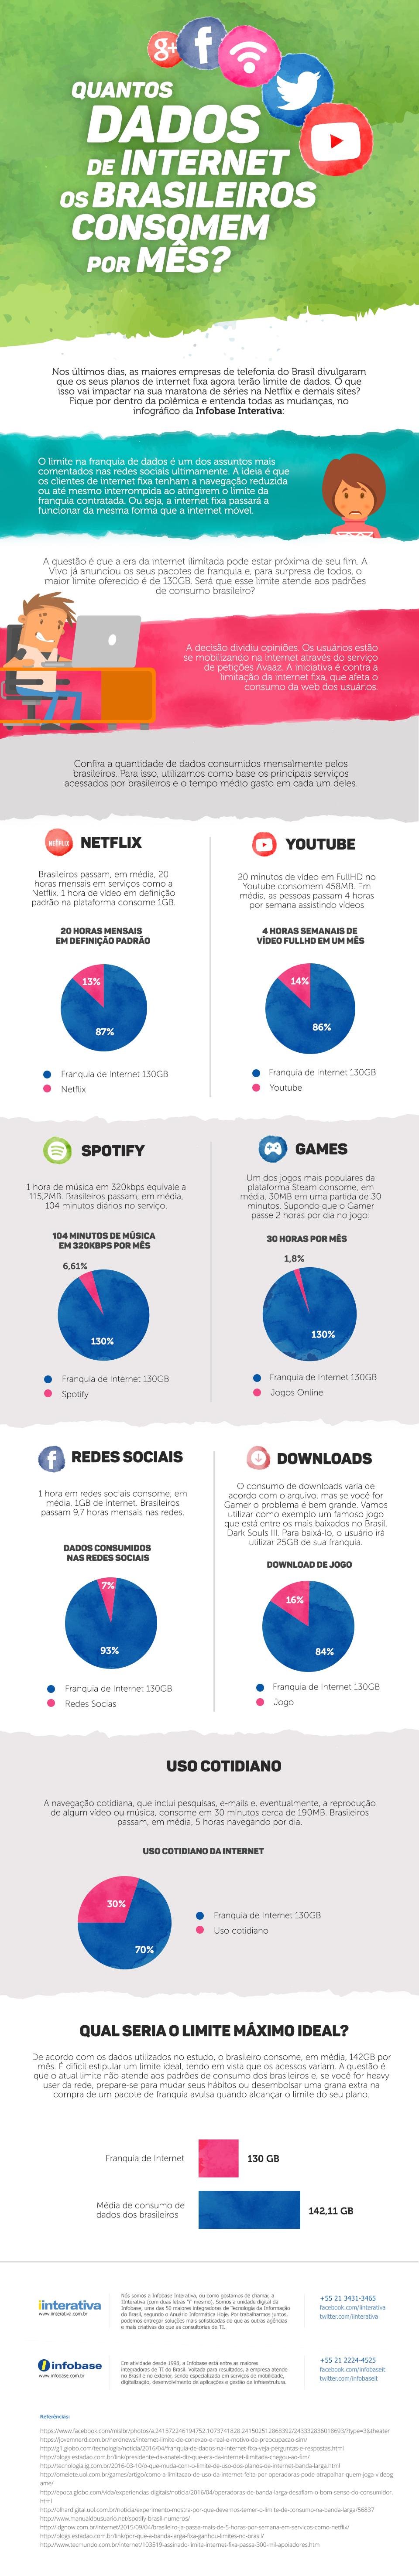 infografico-Quantos-dados-de-internet-os-brasileiros-consomem-por-mes